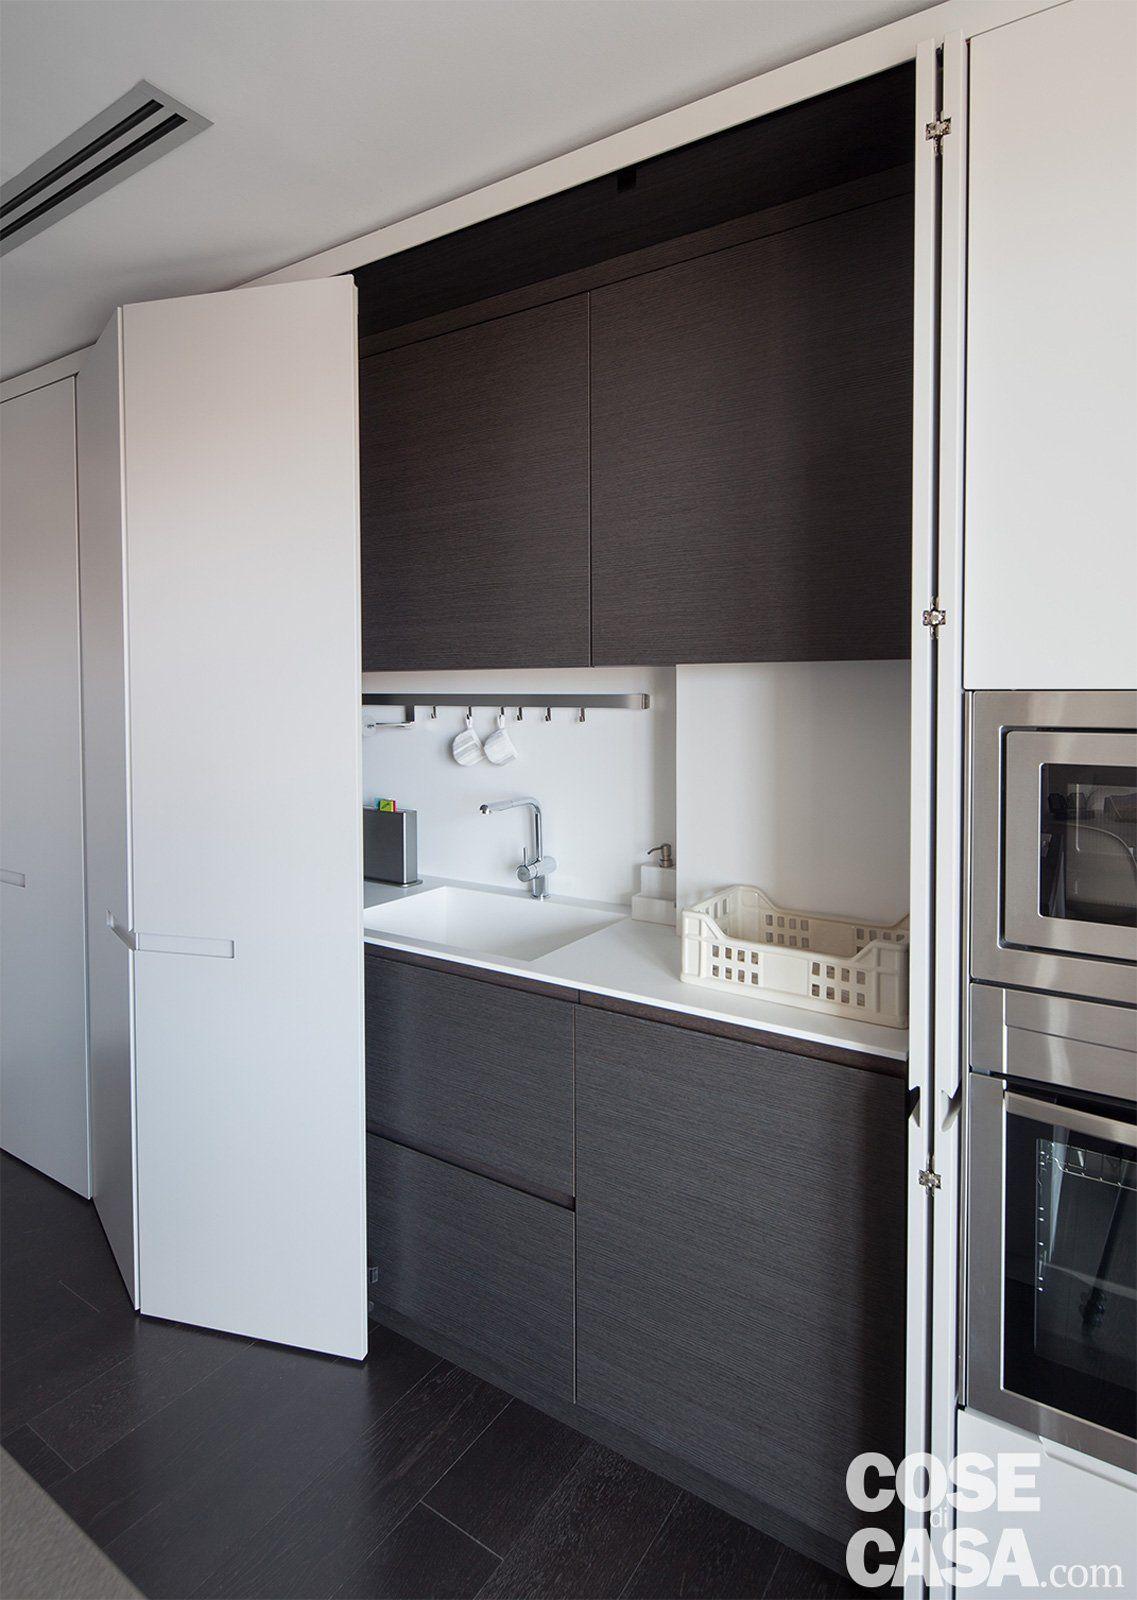 Mobiletto Per Appoggiare Microonde 75 mq: una casa con geometrie in bianco e nero   case